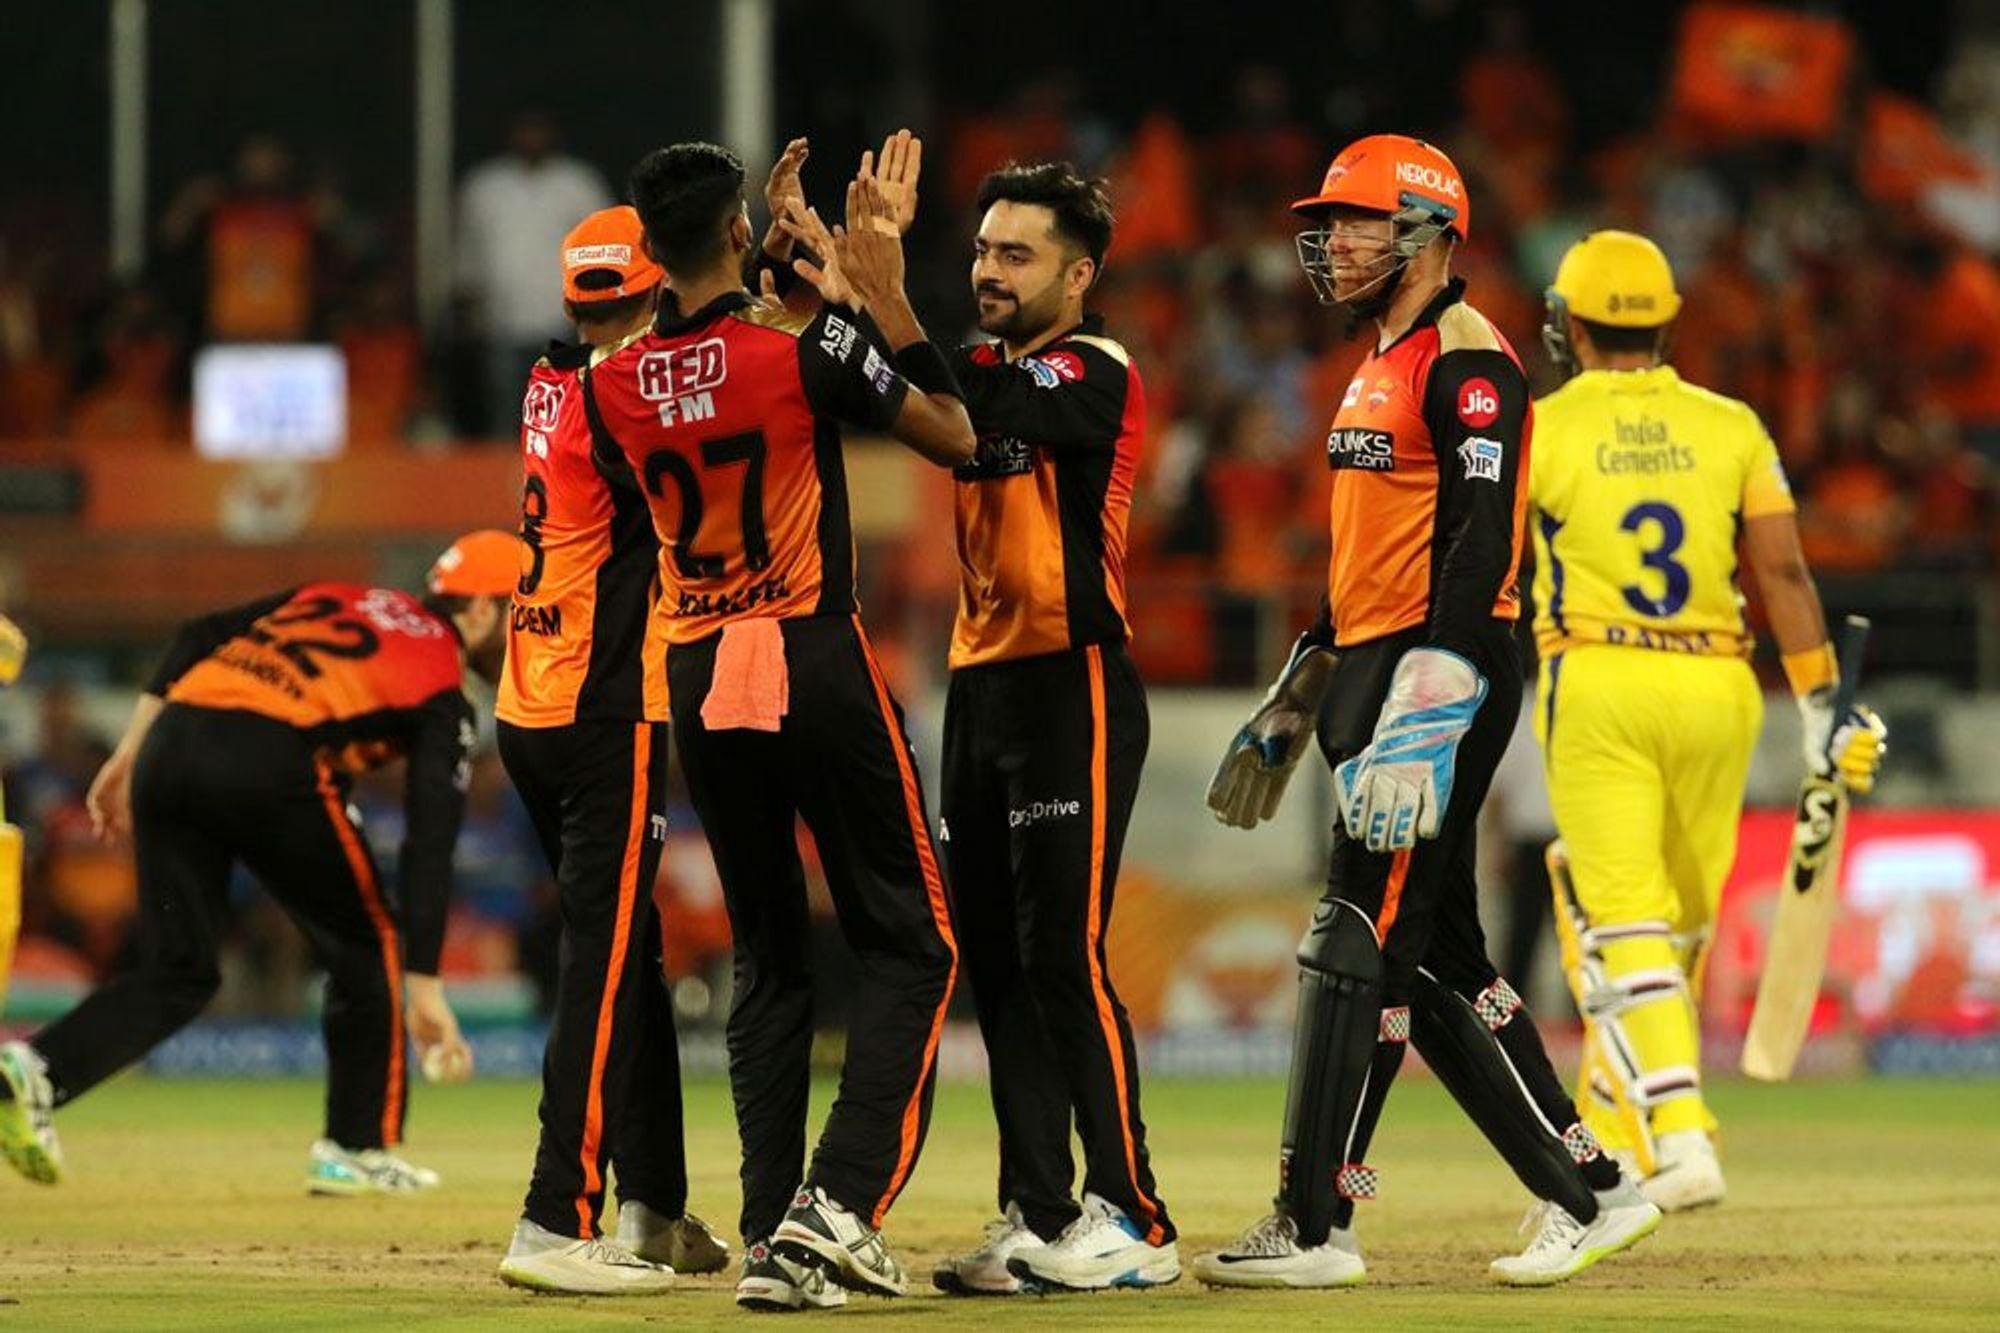 इन तीन बड़ी गलती के कारण चेन्नई सुपर किंग्स के खिलाफ हारी सनराइजर्स हैदराबाद